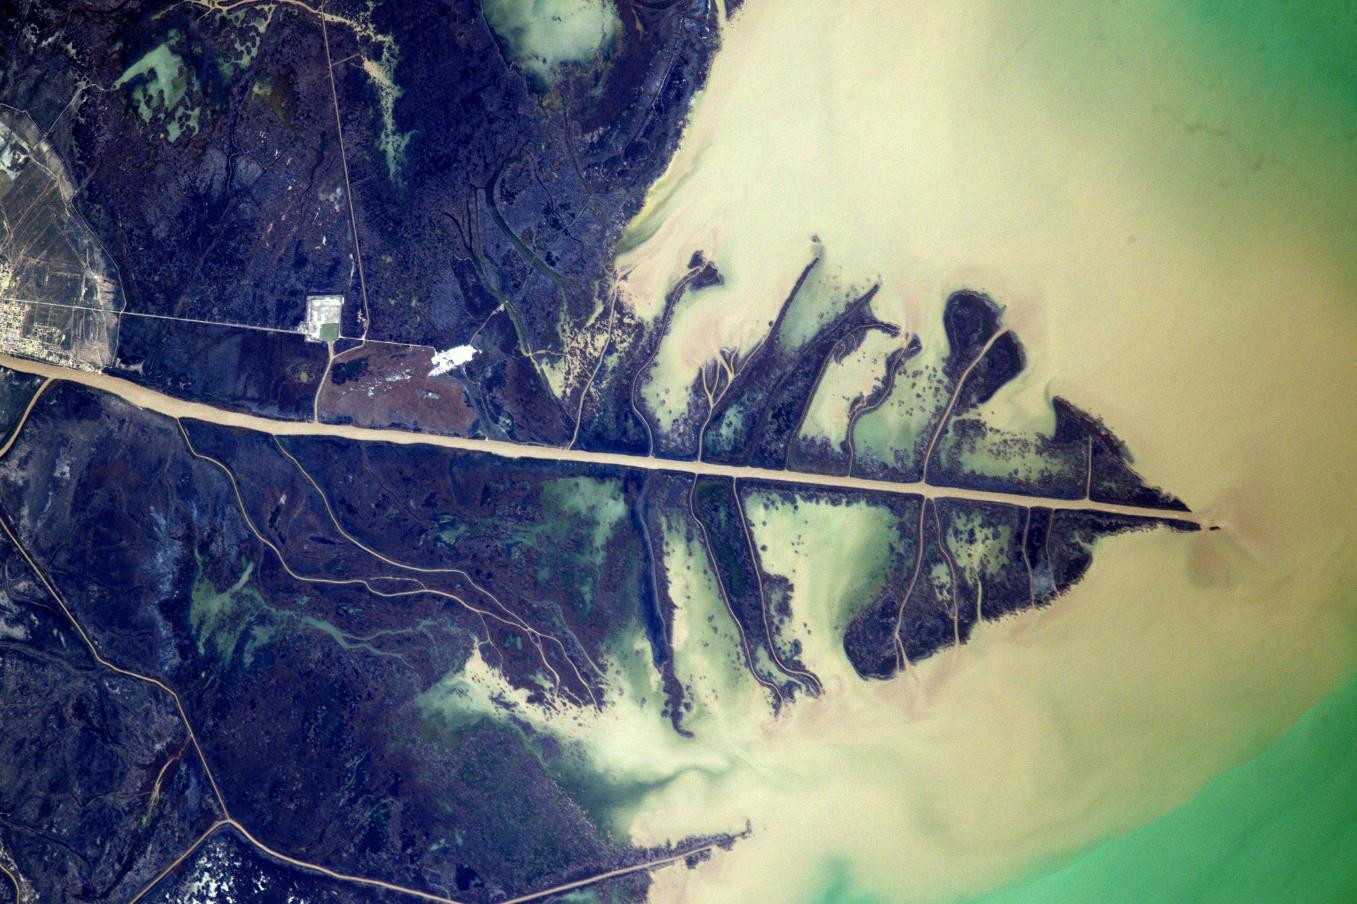 La Terre dans l'oeil de Thomas Pesquet #77 : à l'embouchure de l'Oural, entre l'Europe et l'Asie